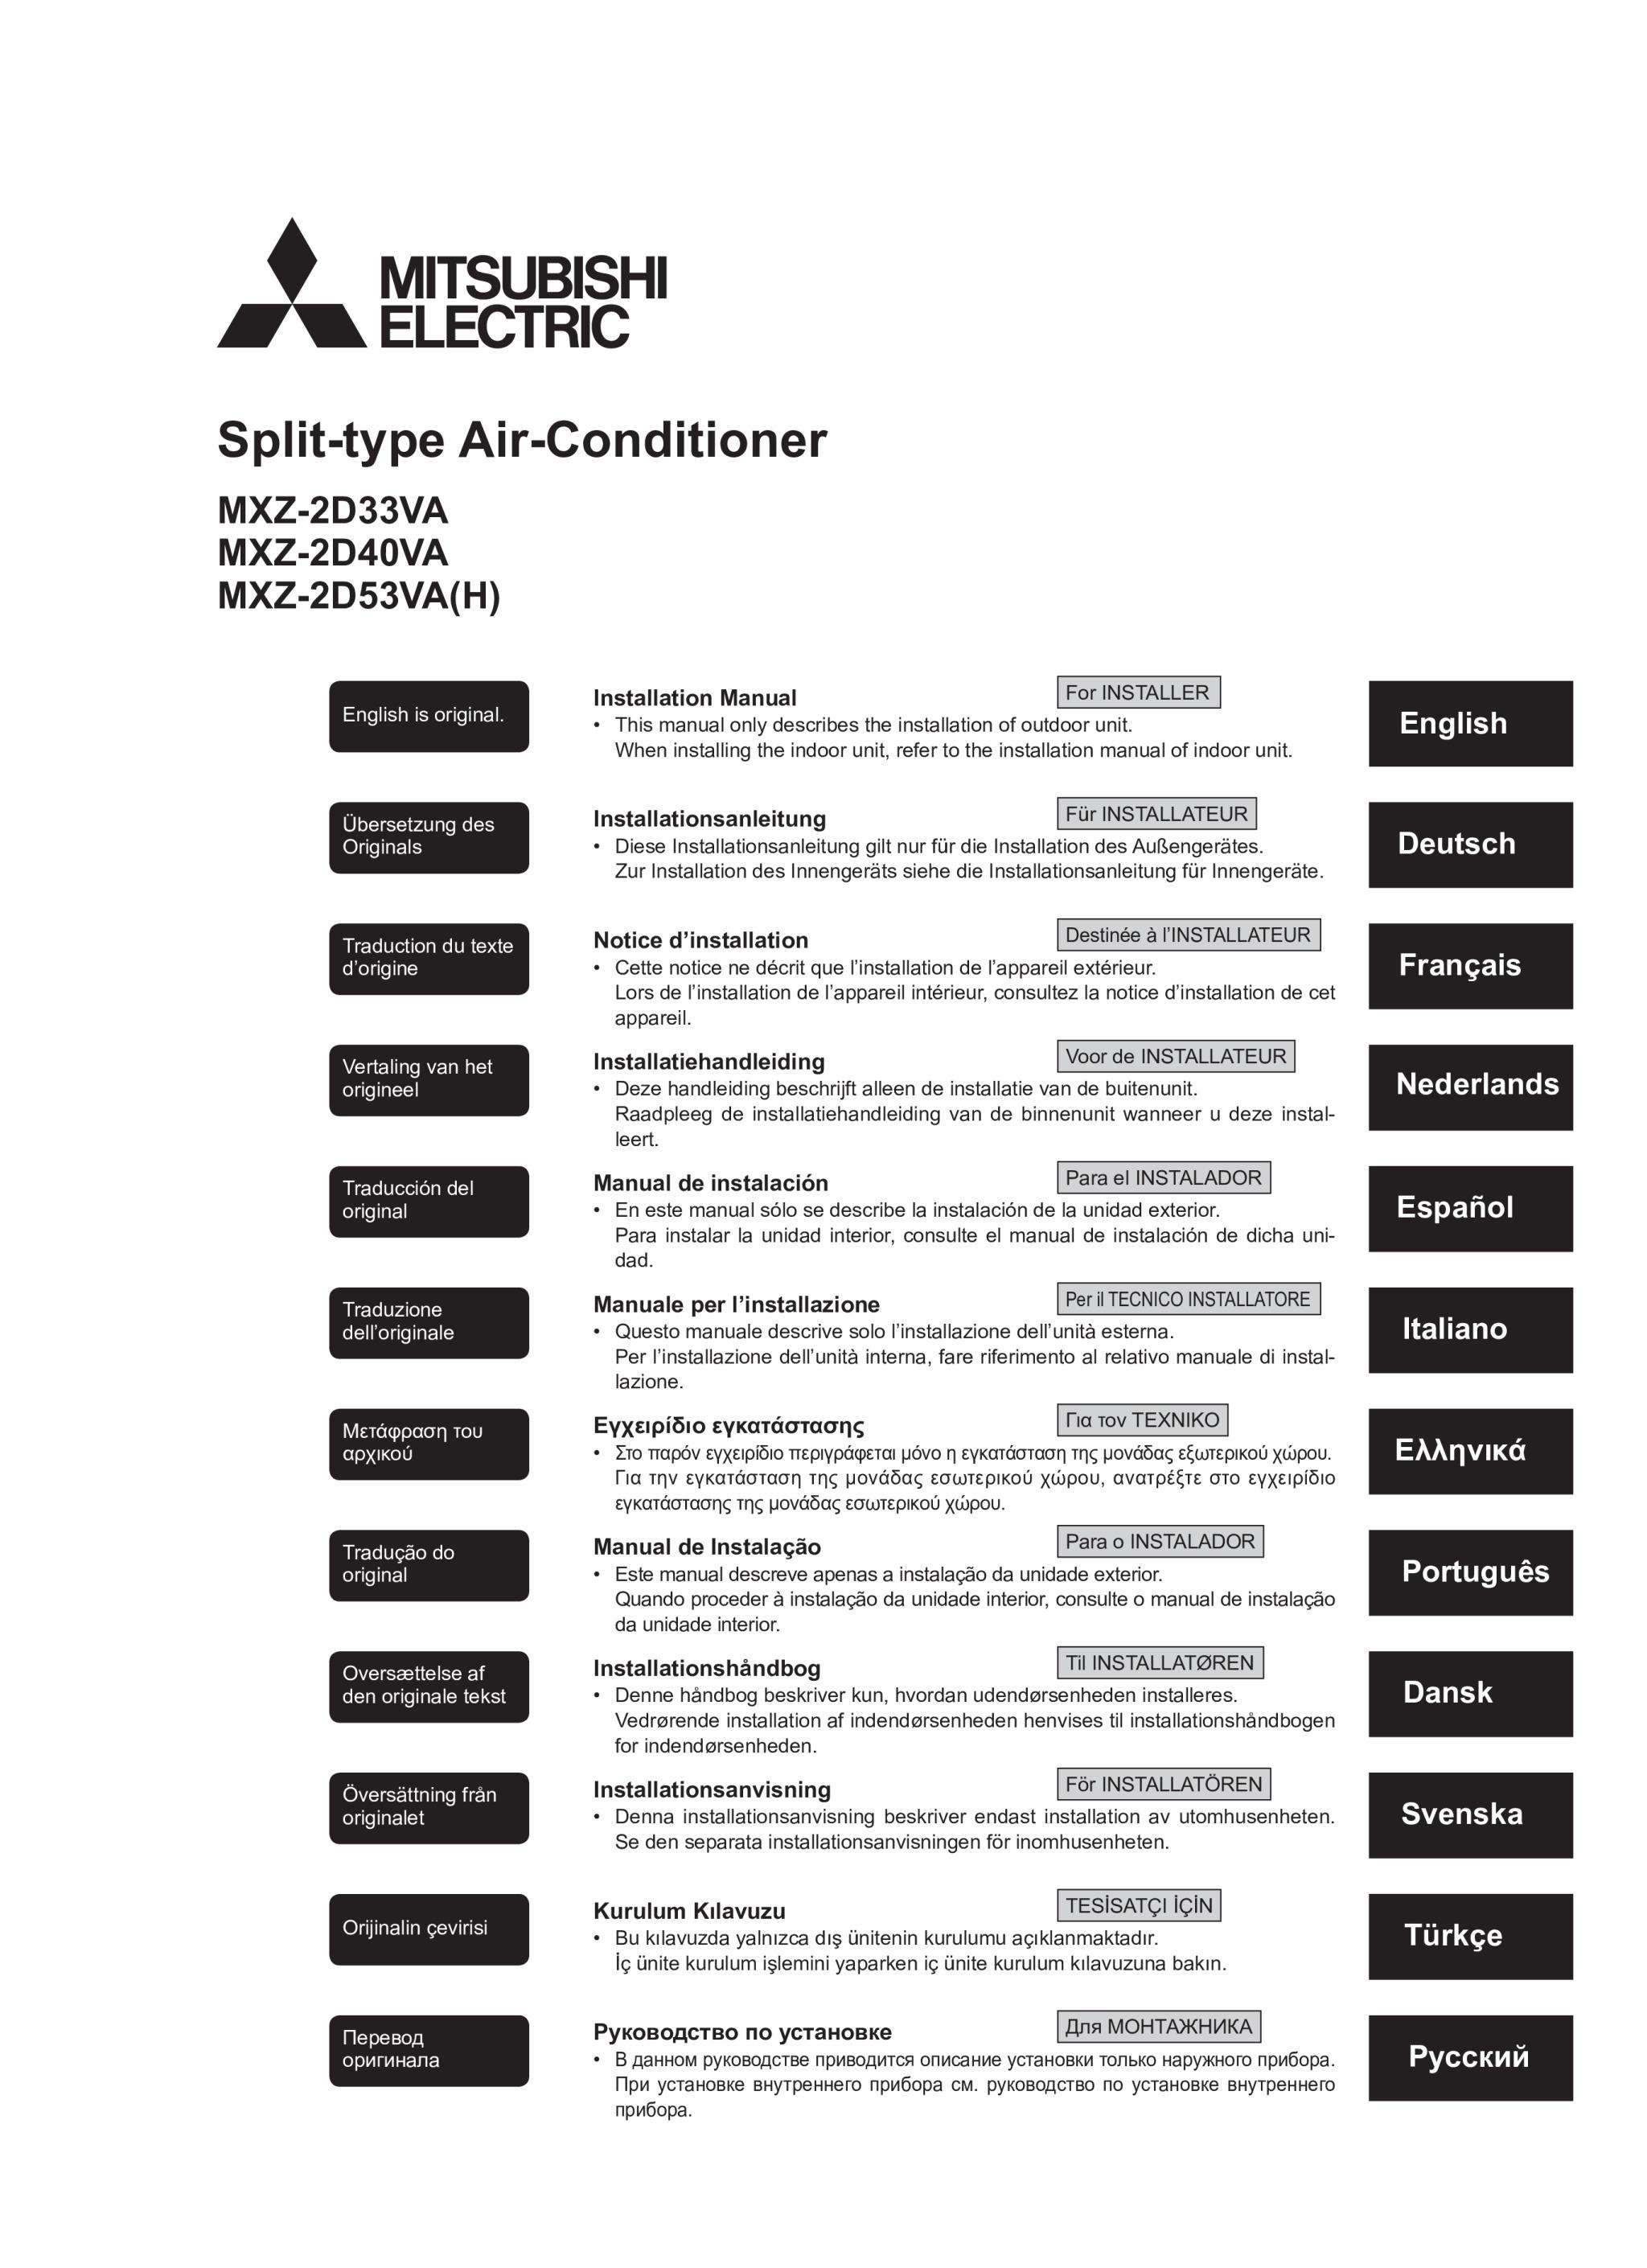 mitsubishi electric prezzo novit climatizzatore novita dual dm msz con mxz split btu serie